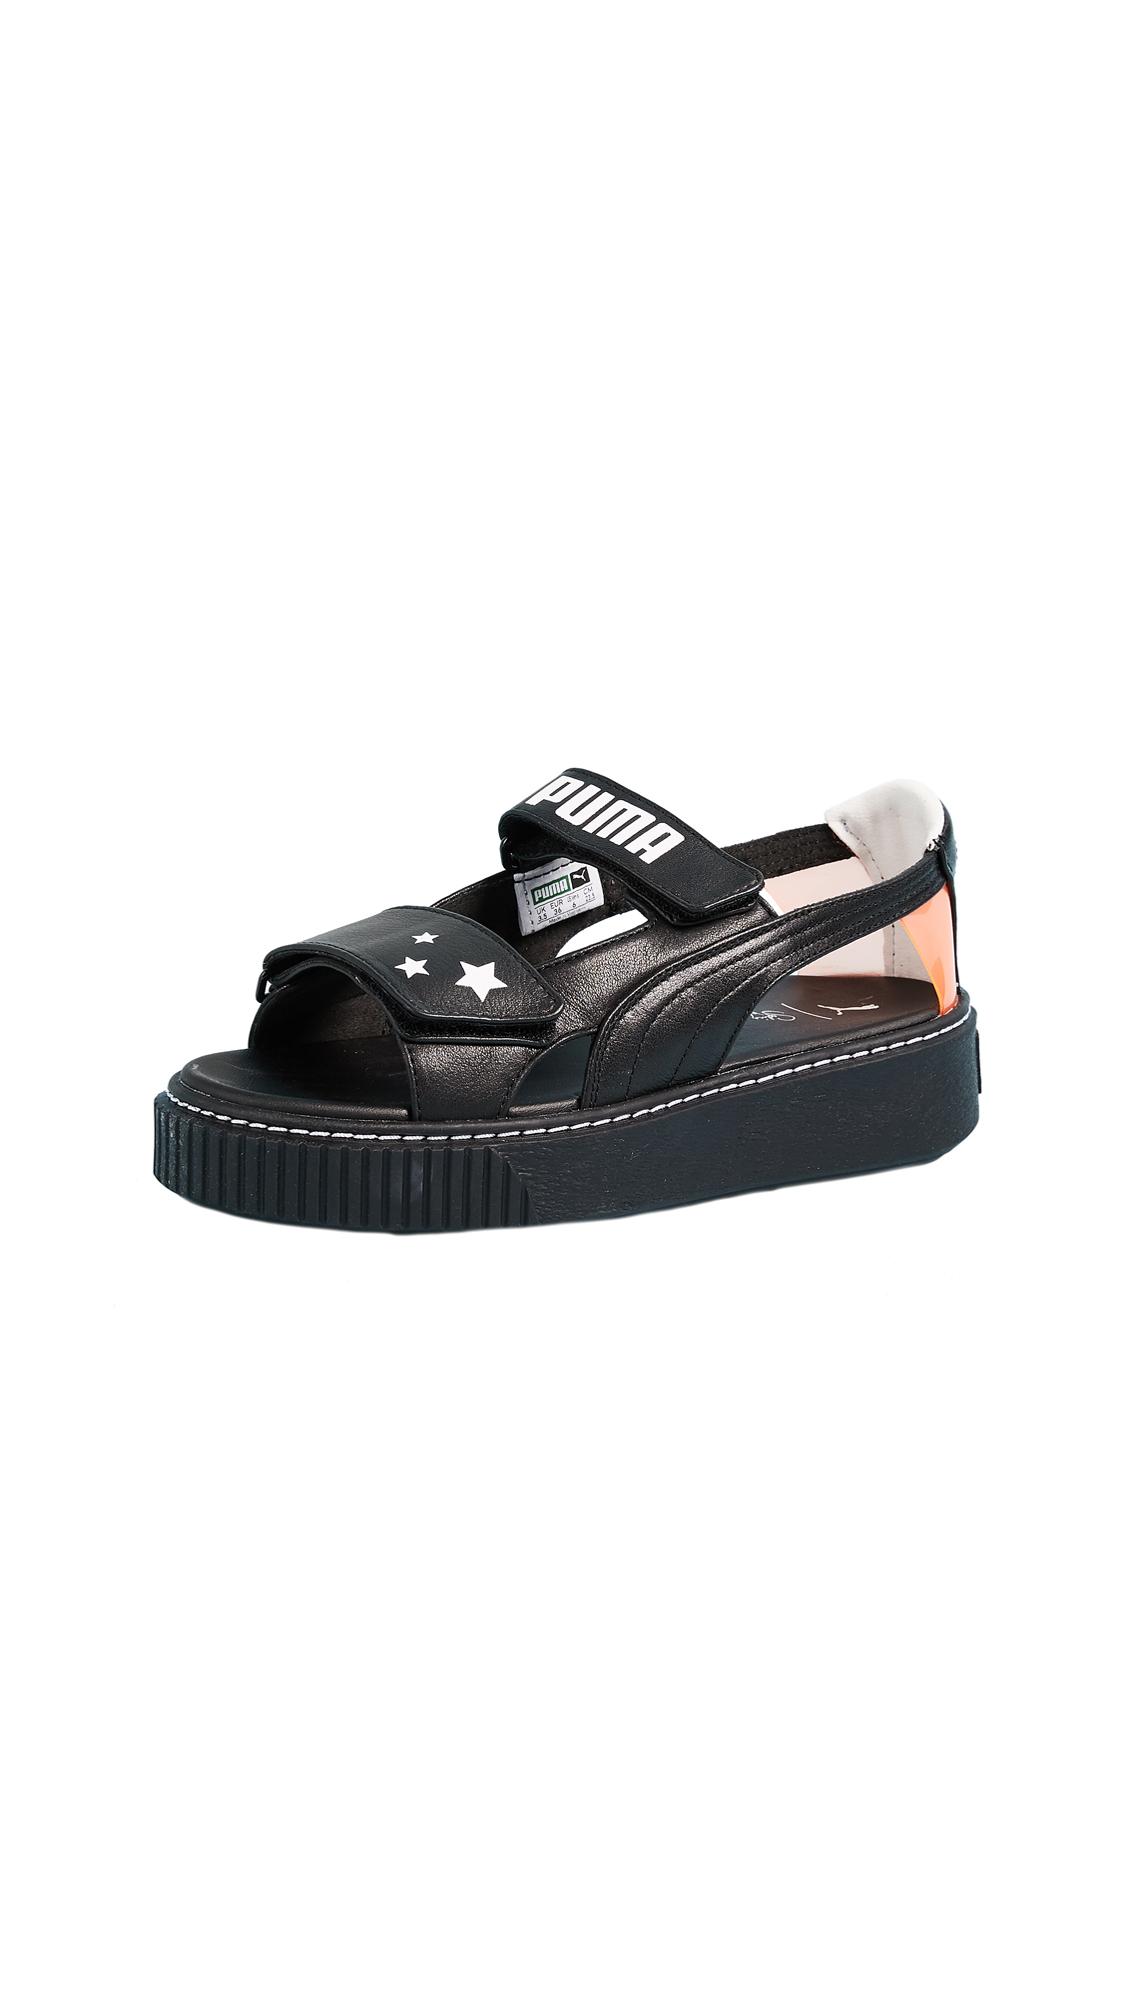 PUMA x SOPHIA WEBSTER Platform Sandals - Black